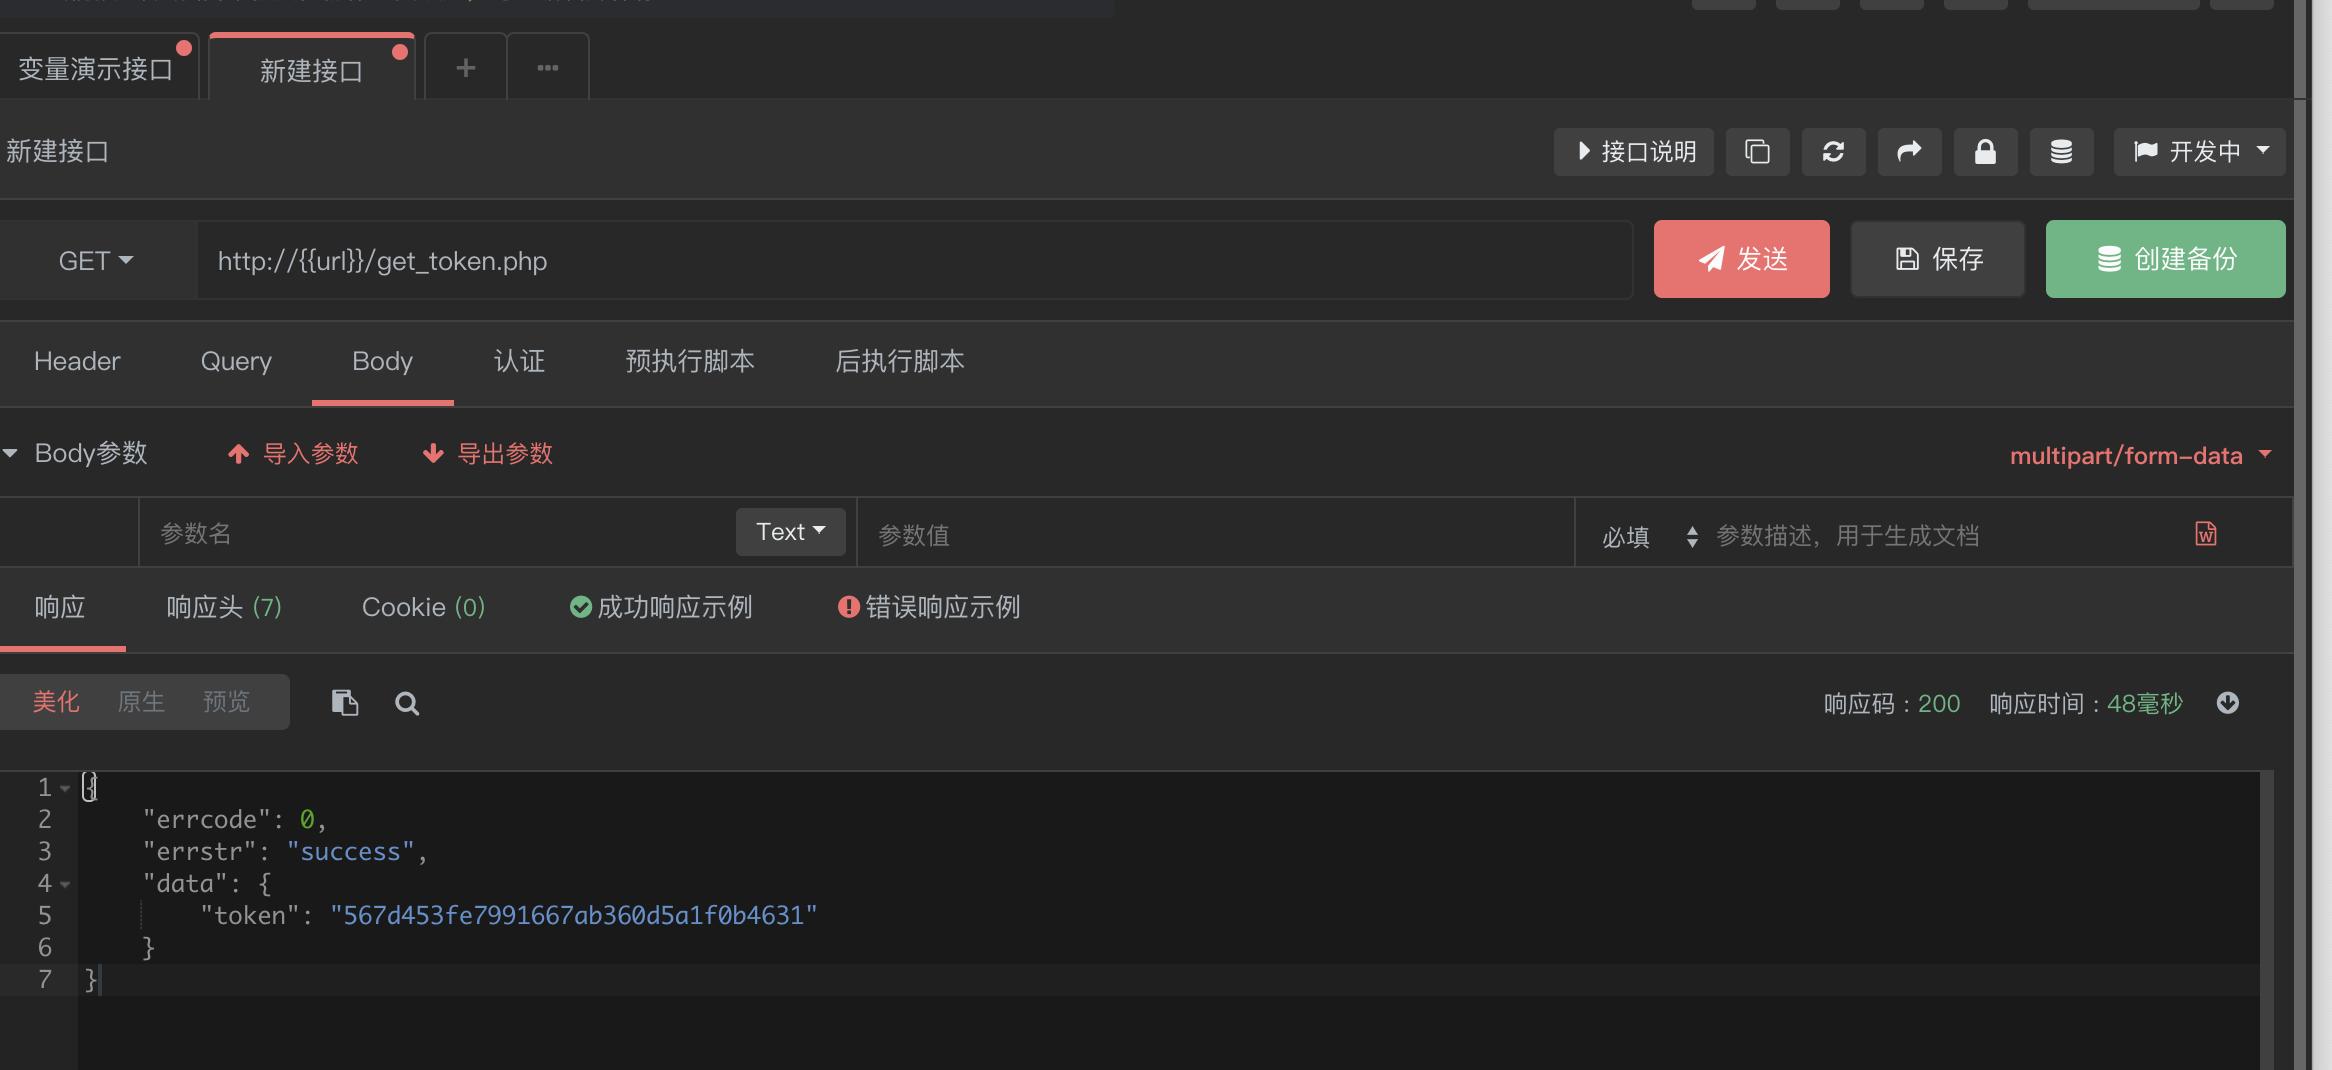 ApiPost V3版本接口参数依赖的情景处理